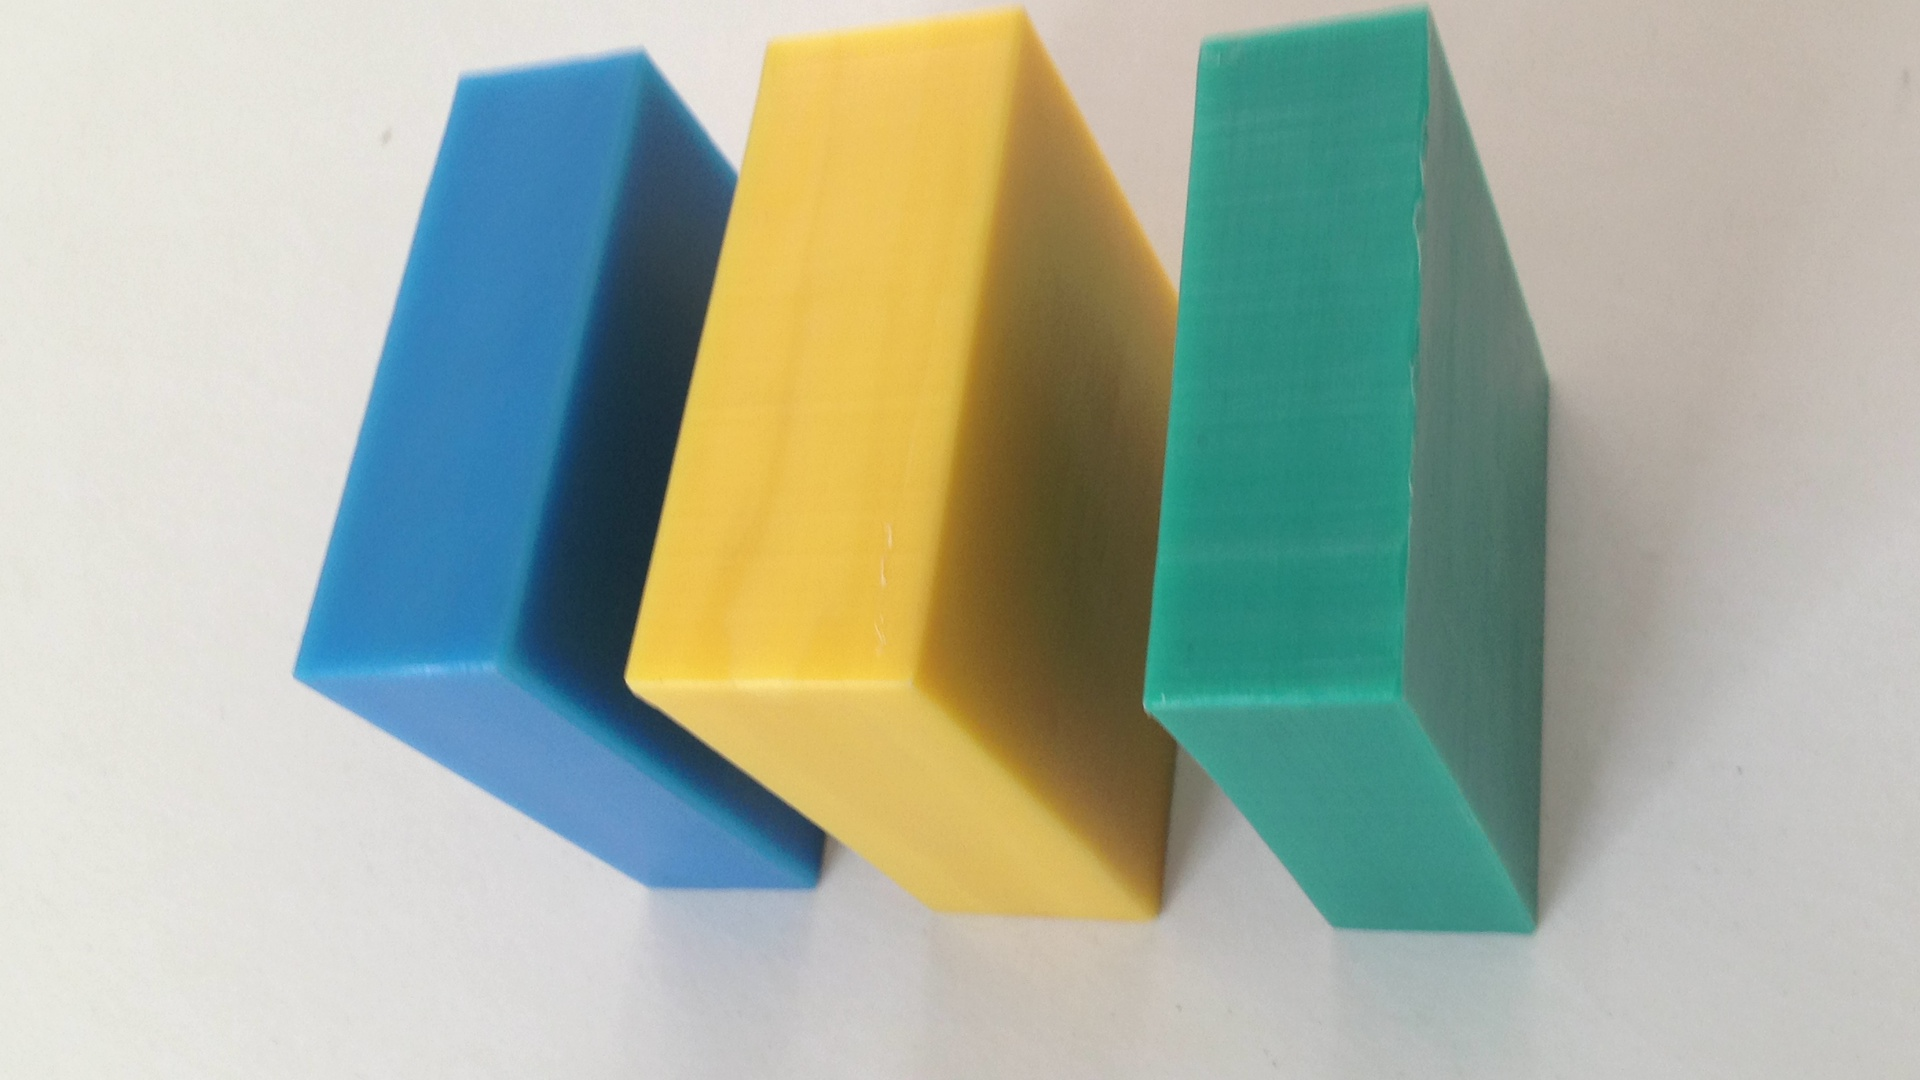 超高分子量聚乙烯板、upe板、高分子聚乙烯板规格、颜色浴兴橡塑厂家供应